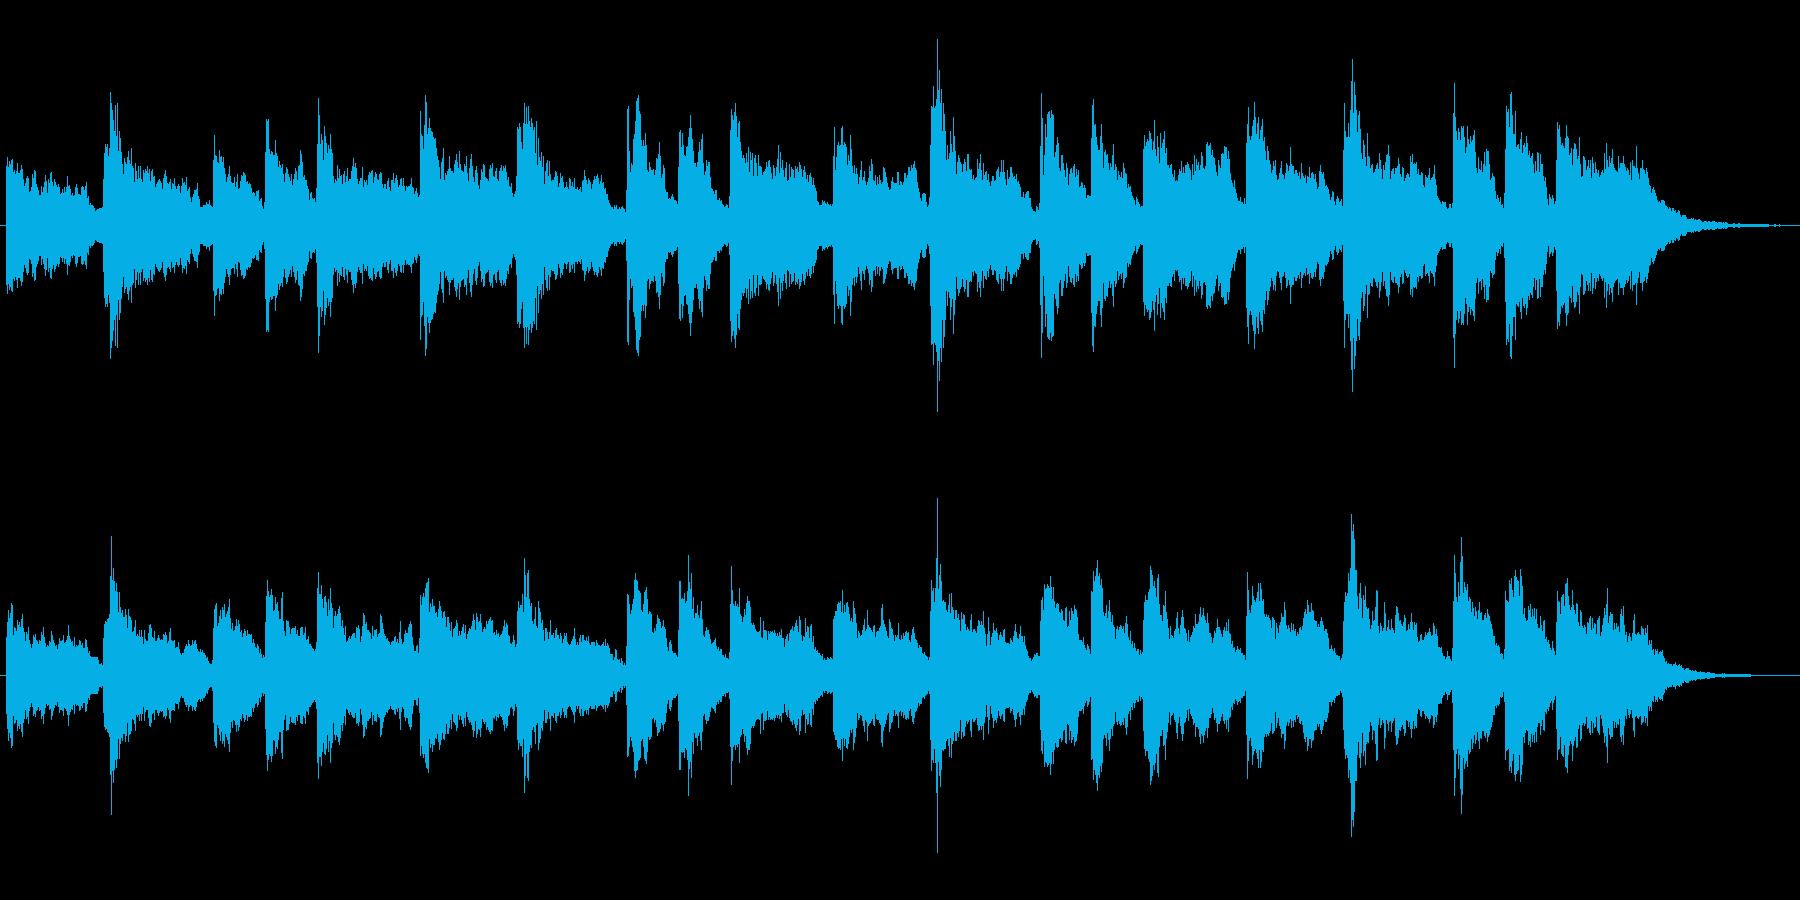 シンセとオルガンによる堂々としたジングルの再生済みの波形